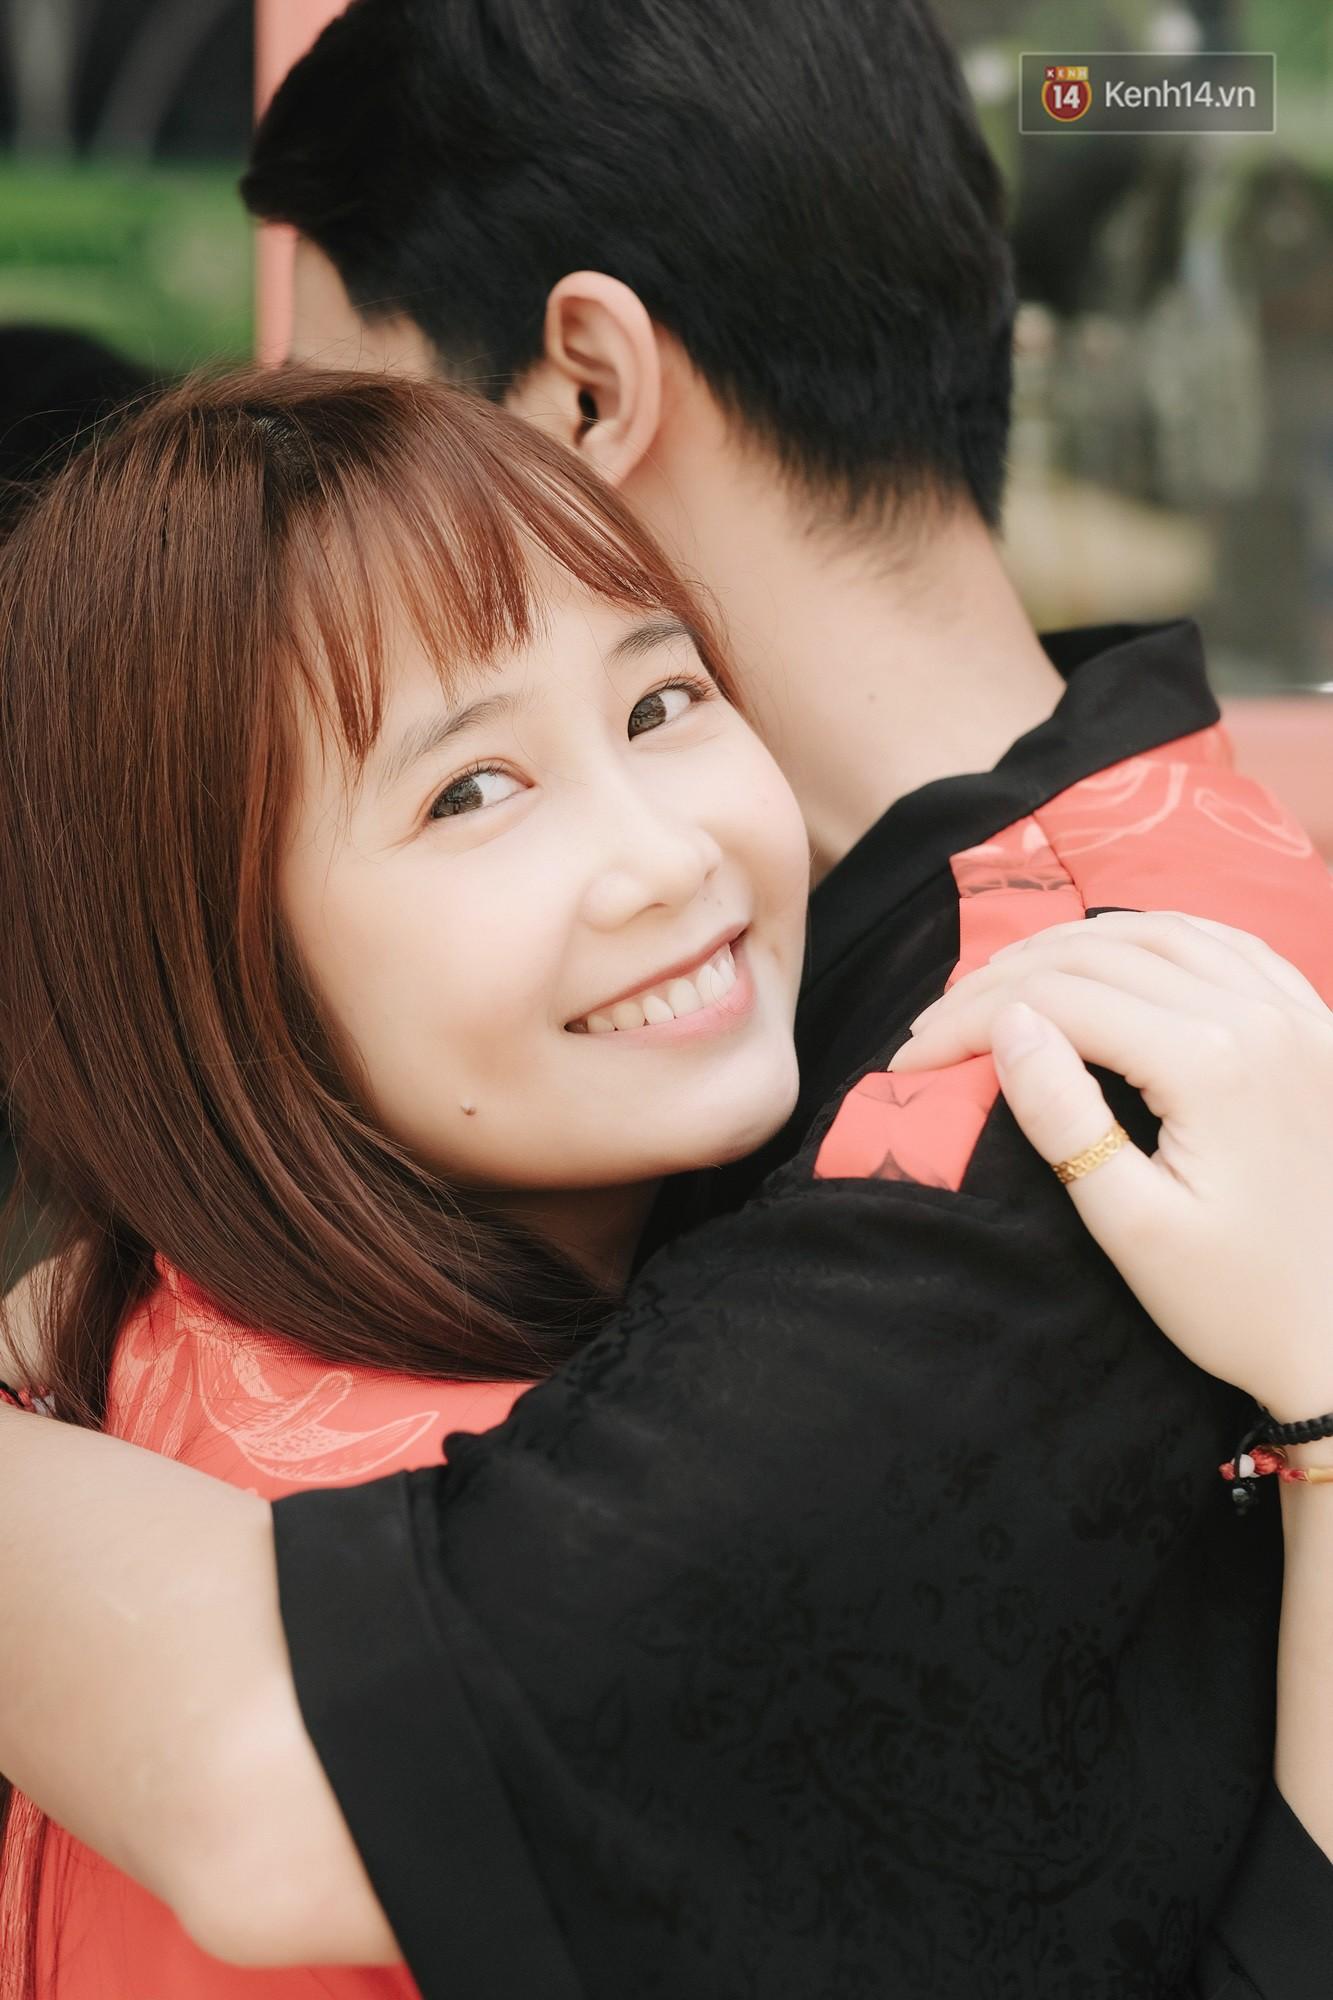 Cris Phan và hot girl FAPtv Mai Quỳnh Anh: Chuyện tình của chàng phi công nhút nhát và nàng không ngại cọc đi tìm trâu - Ảnh 11.